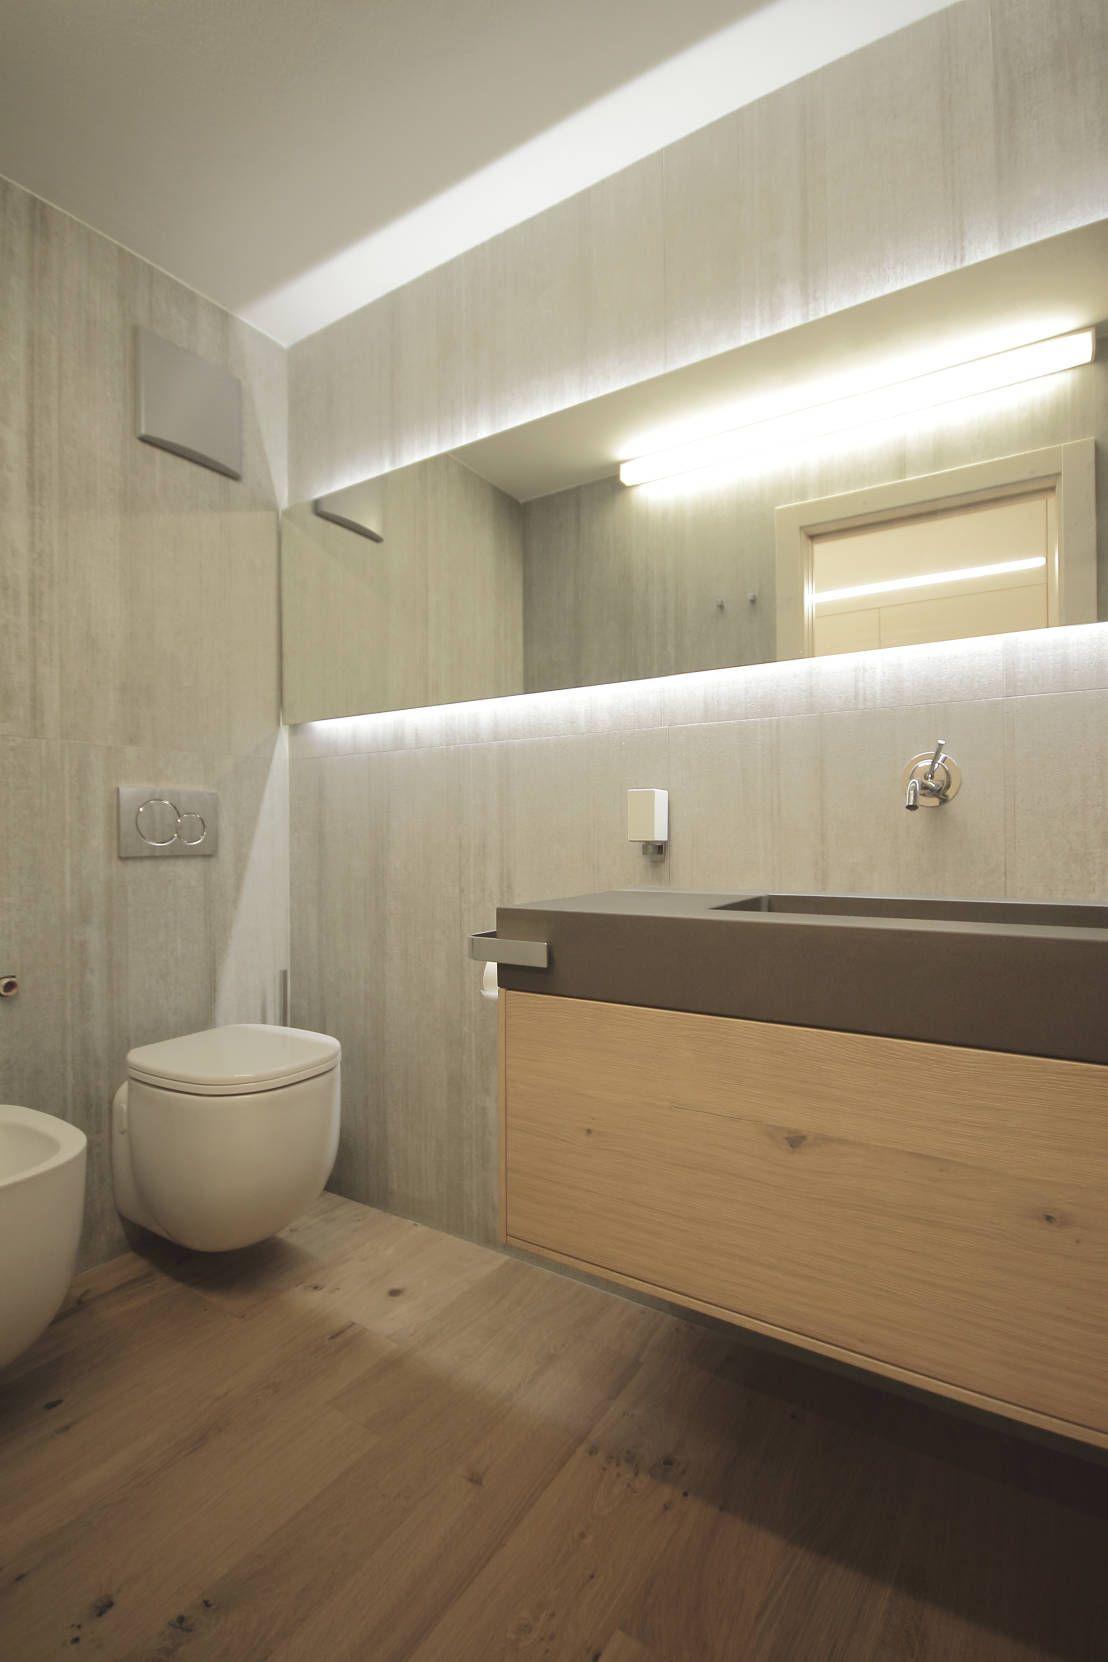 Holz Weiss Und Licht Ein Unwiderstehliches Trio Badezimmer